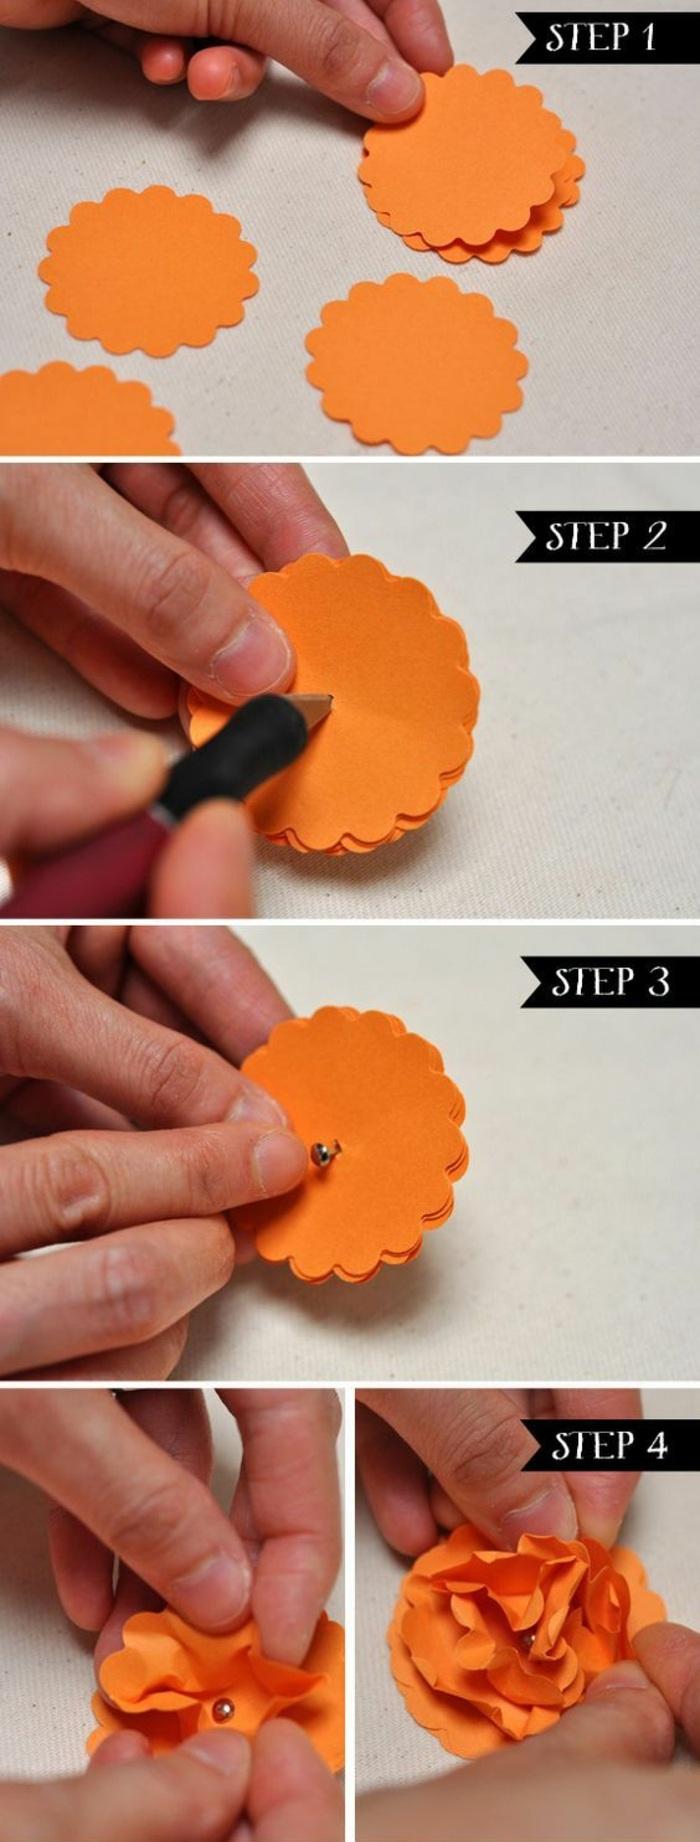 kleine blume aus orangem papier falten, cutter, diy papierblume